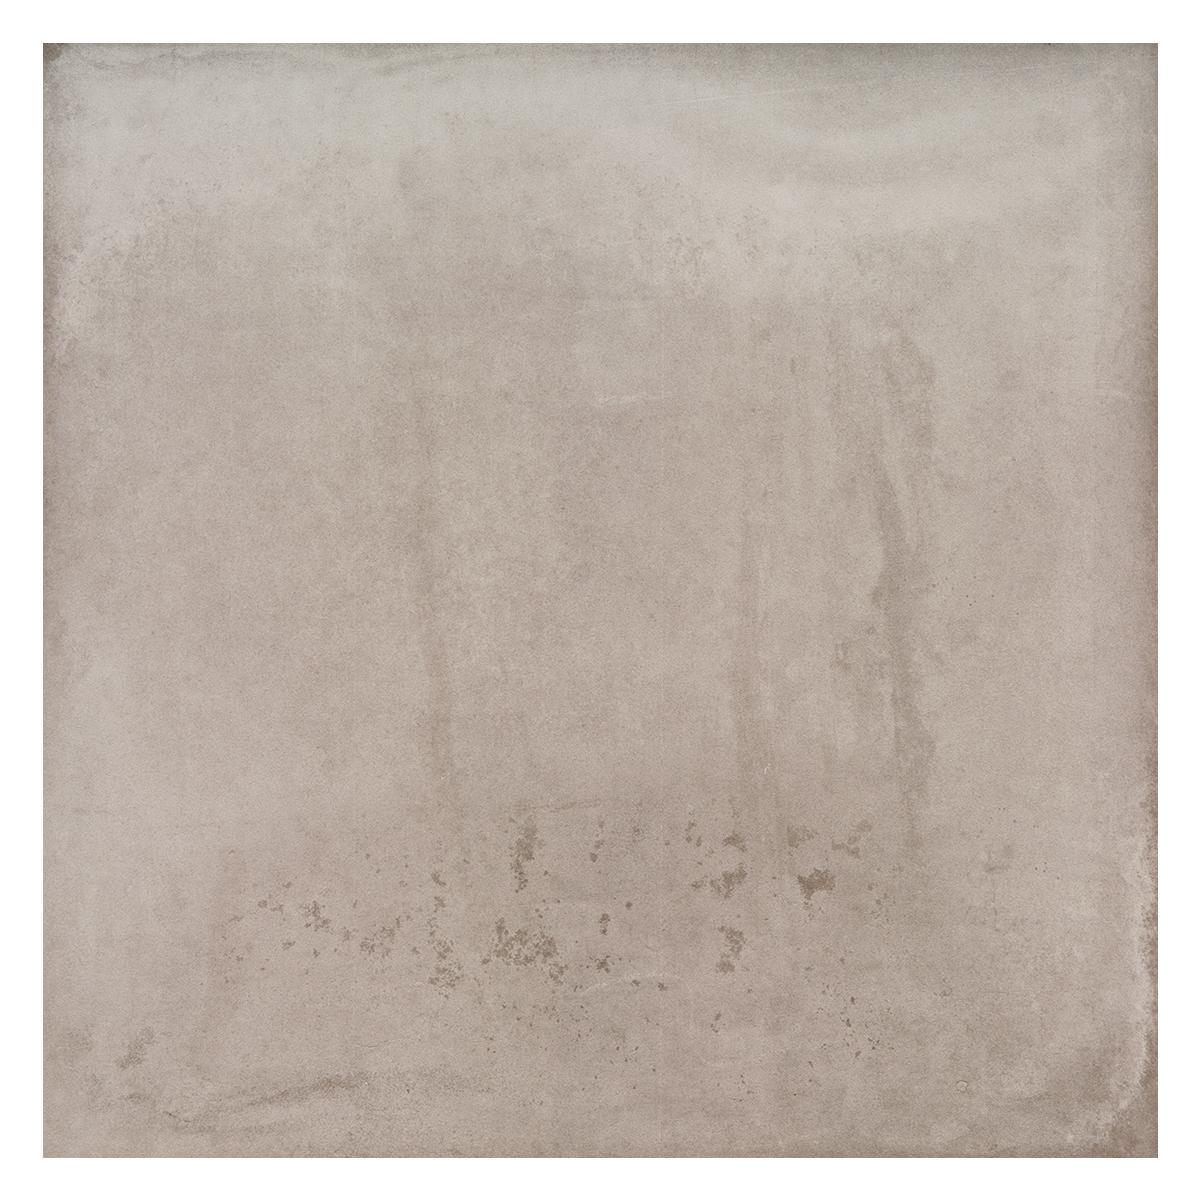 Porcelanato City Gris Mate - 60X60 cm - 1.44 m2